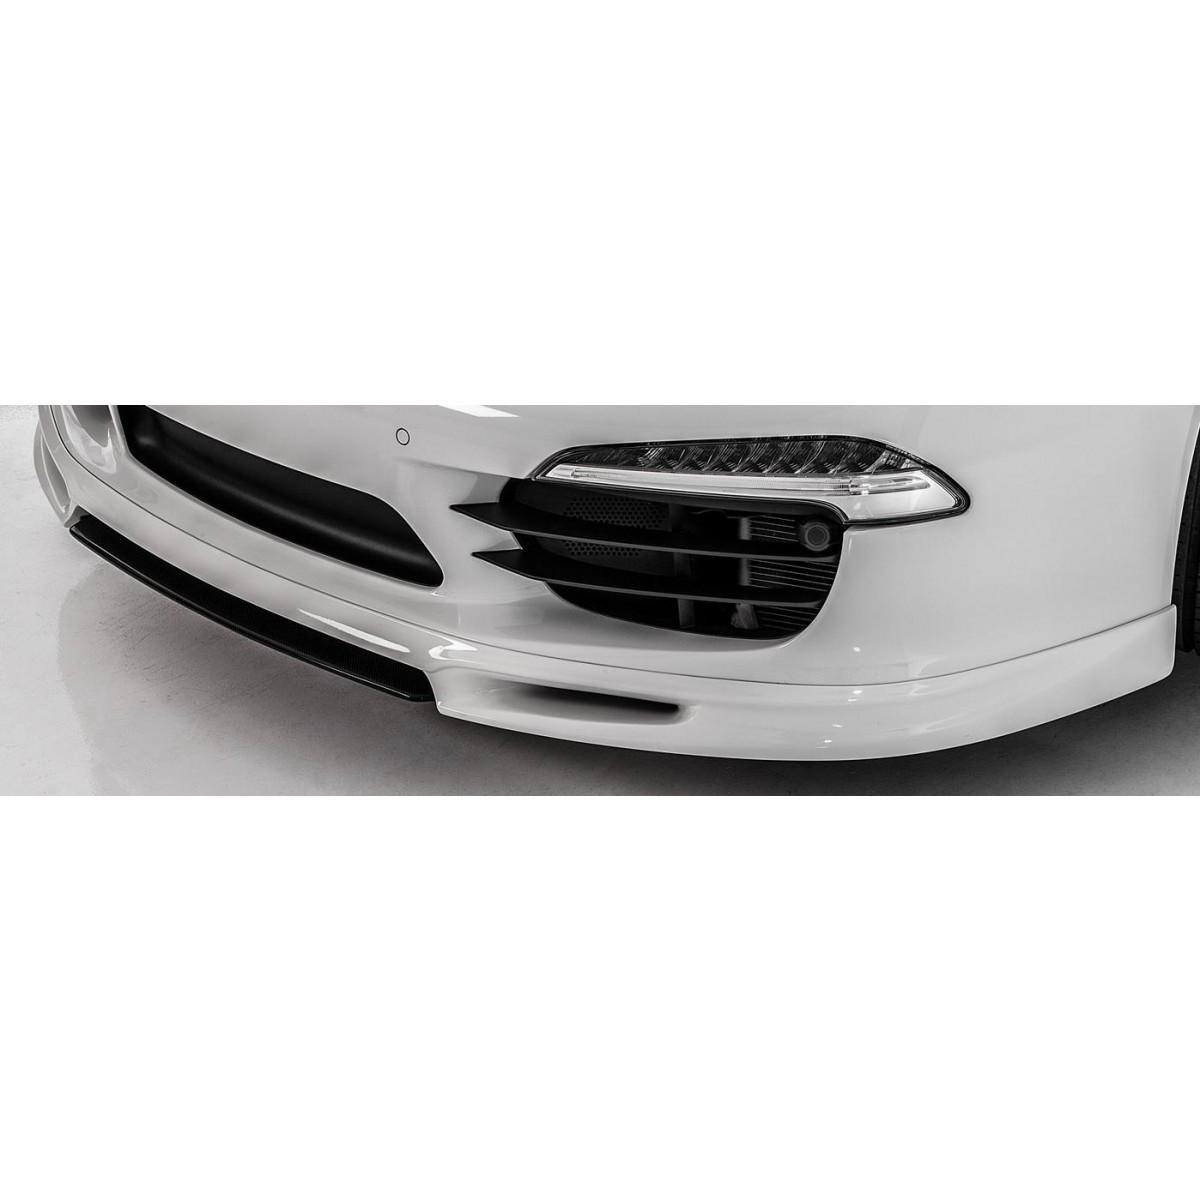 VORSTEINER Przedni spoiler 911 991